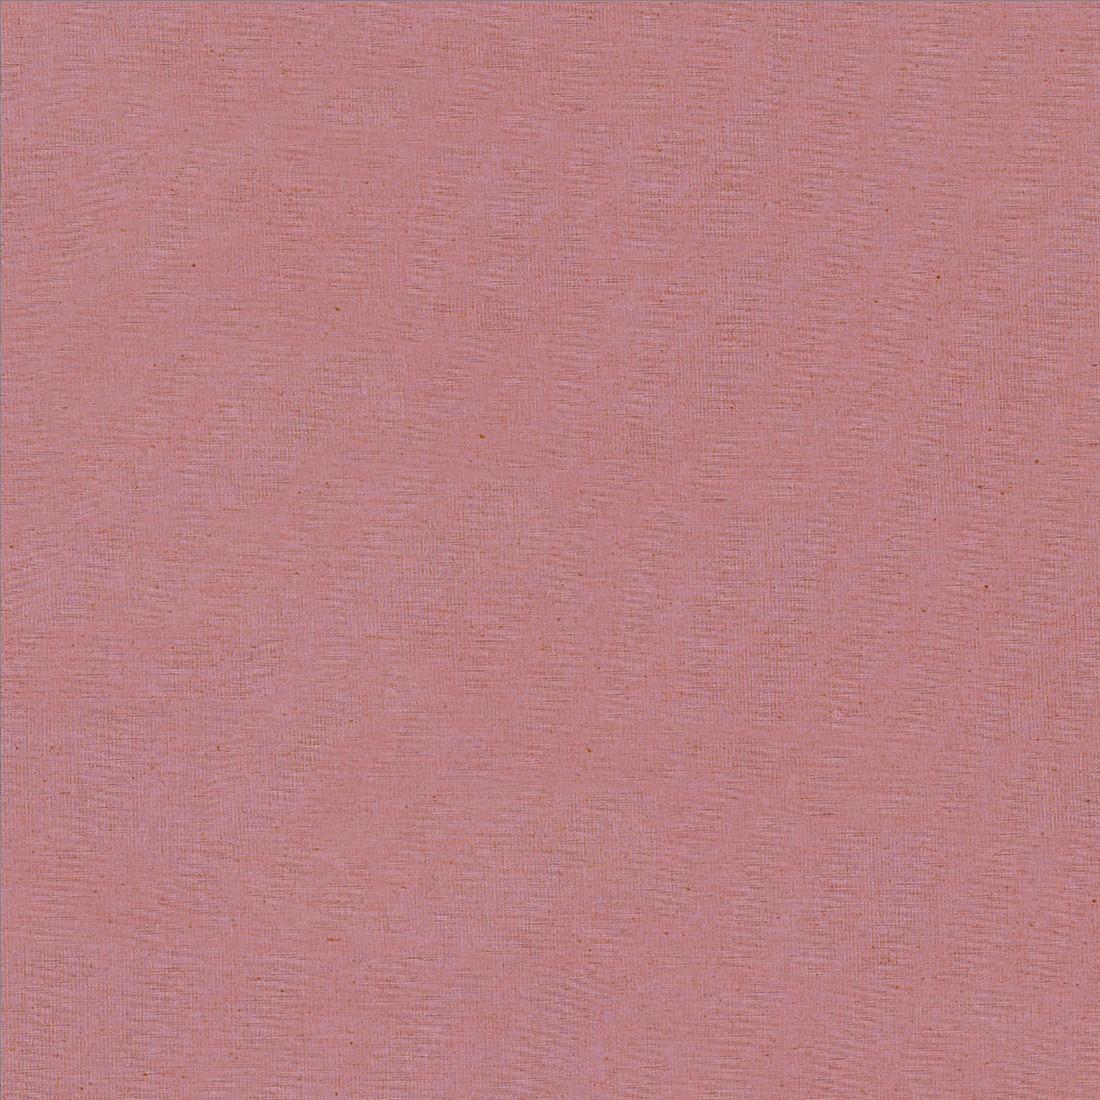 Tischdecke Country – Mandarine – 160 x 265 cm, Villeroy&Boch kaufen